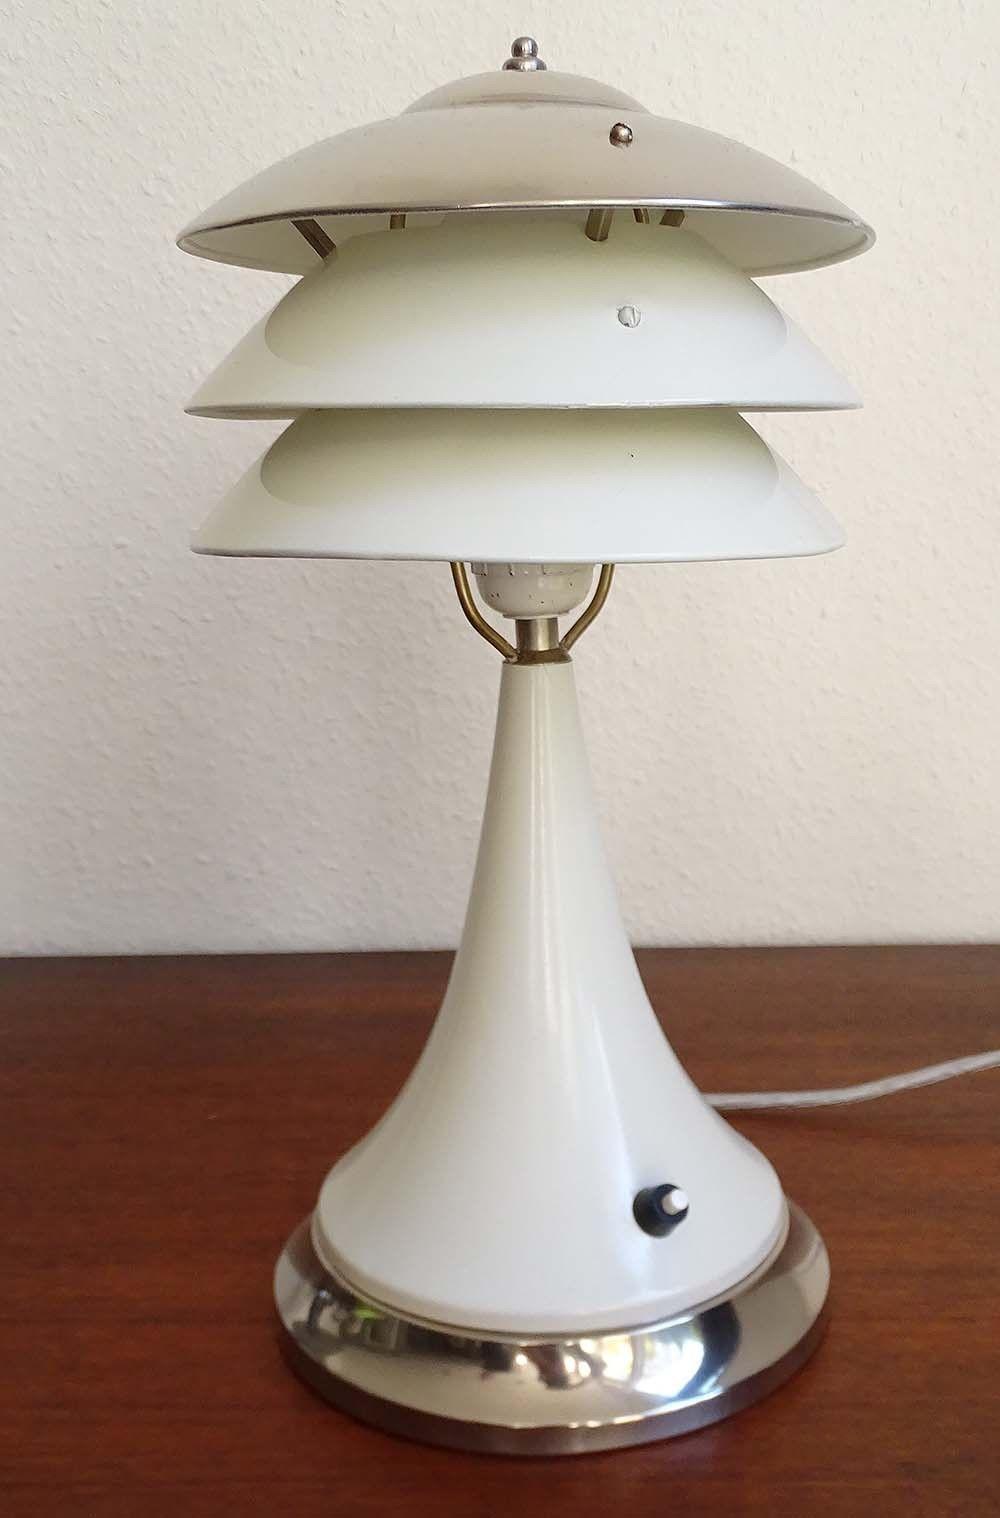 Grosse Art Deco Tischlampe Lampe Chrom Frankreich 30er Jahr Petitot Adnet Ebay Art Deco Lampen Art Deco Lampe